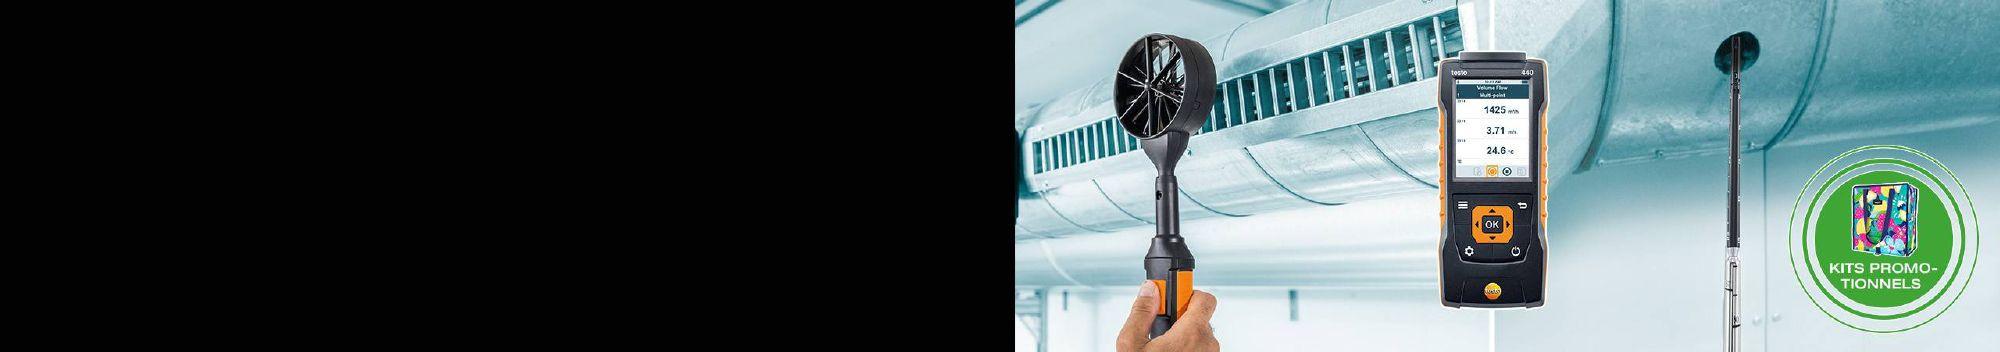 <b>Restez cool</b> avec nos promos clim et ventilation